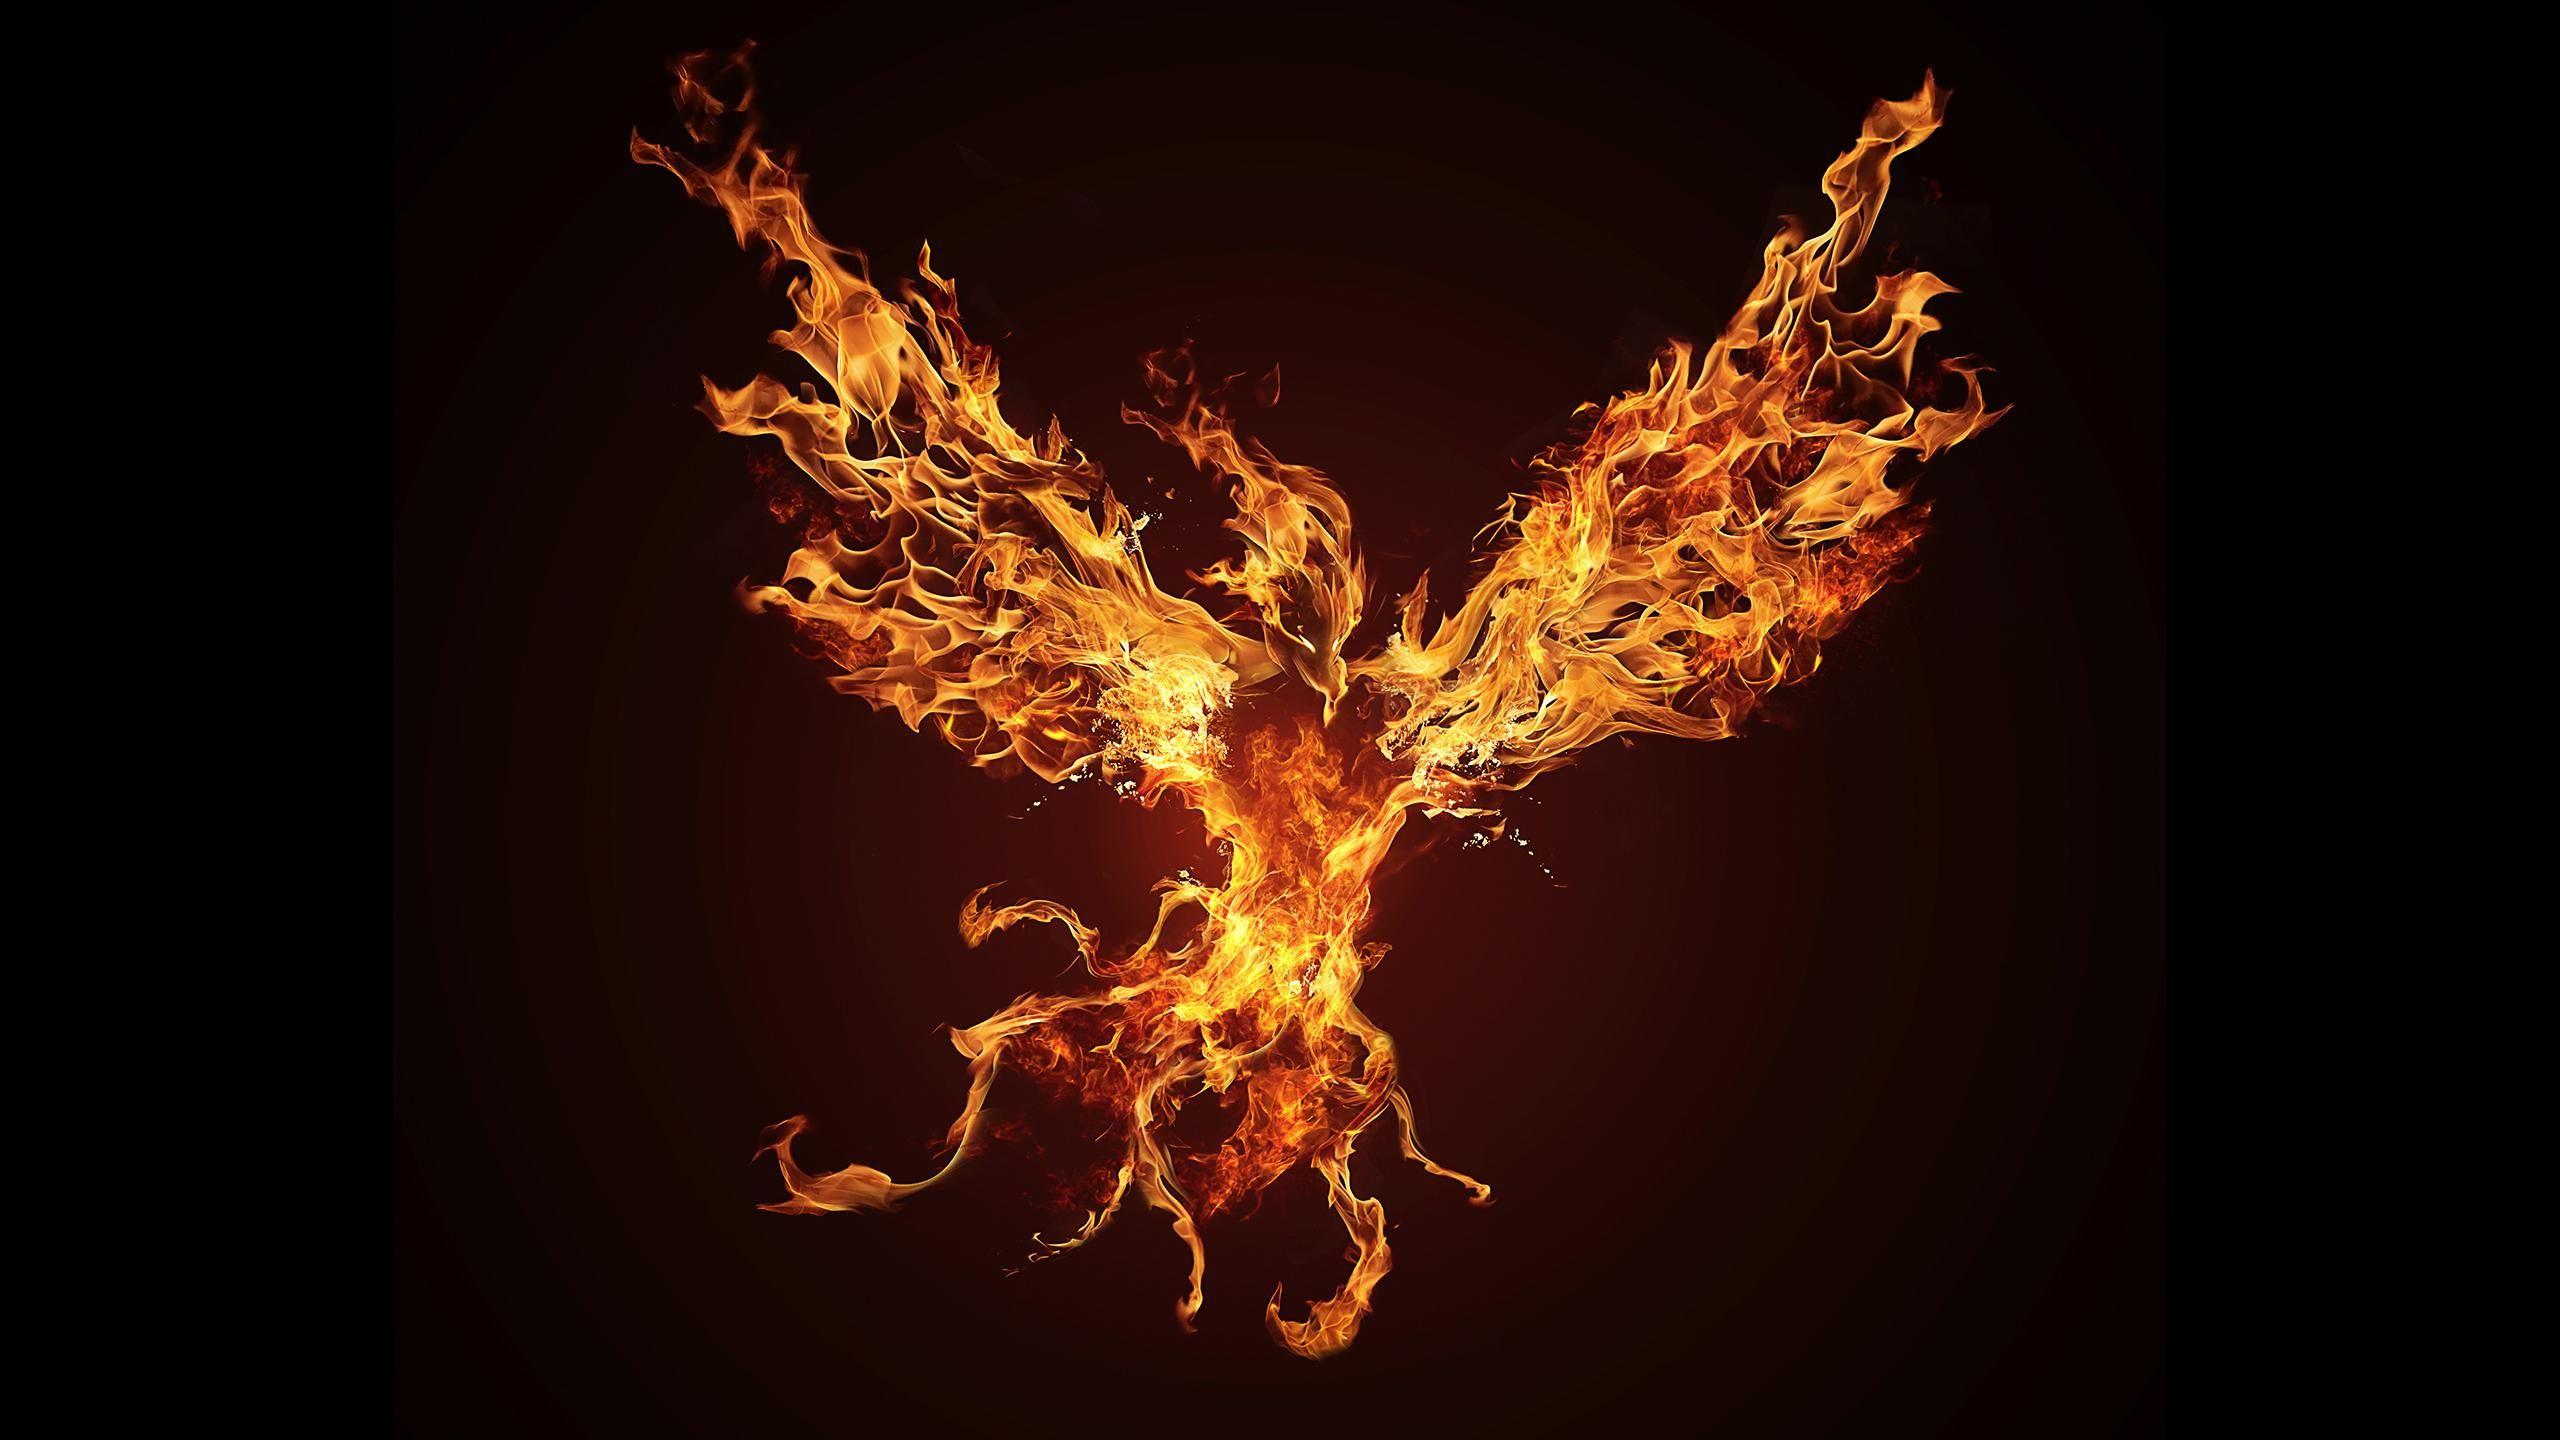 Phoenix Bird Picture Download Free Phoenix Wallpaper Phoenix Bird Phoenix Images